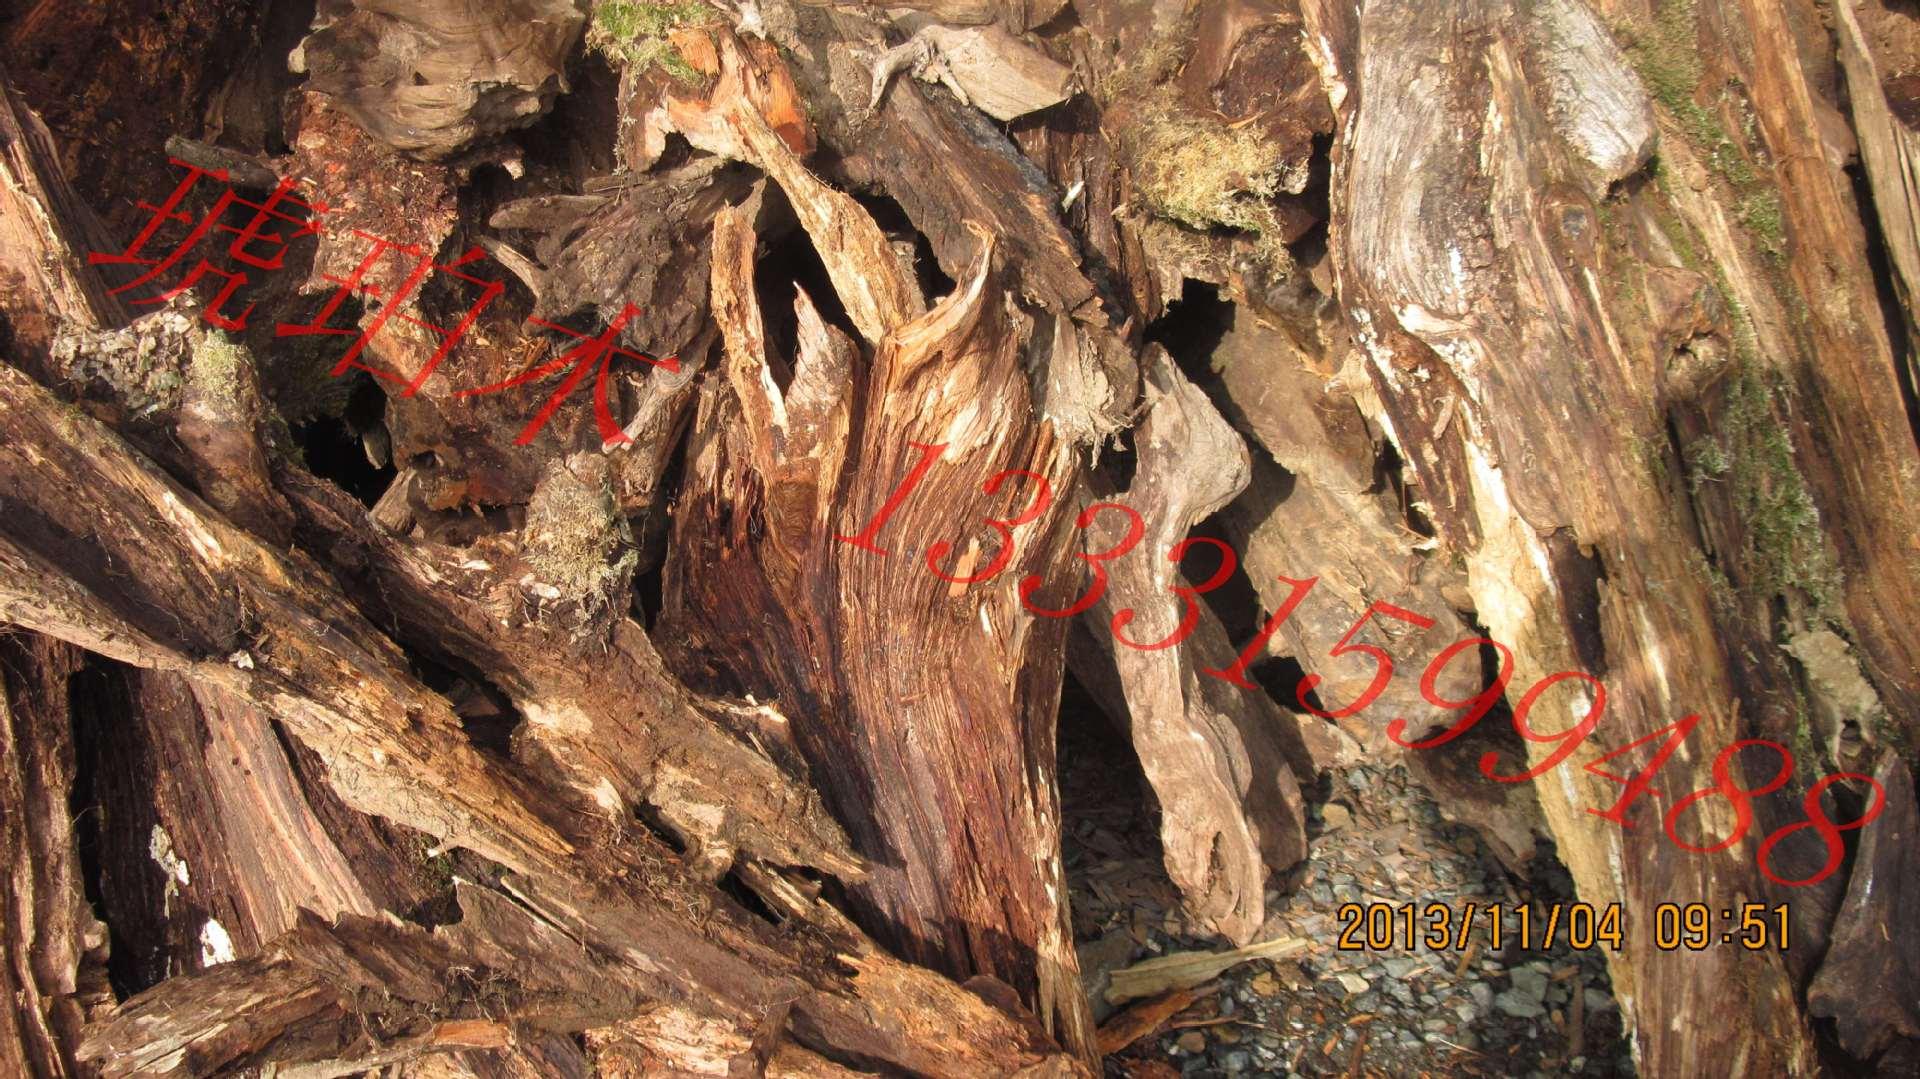 长白山根雕 长白山根雕原料琥珀木,阴沉木,松明子 阿里巴巴